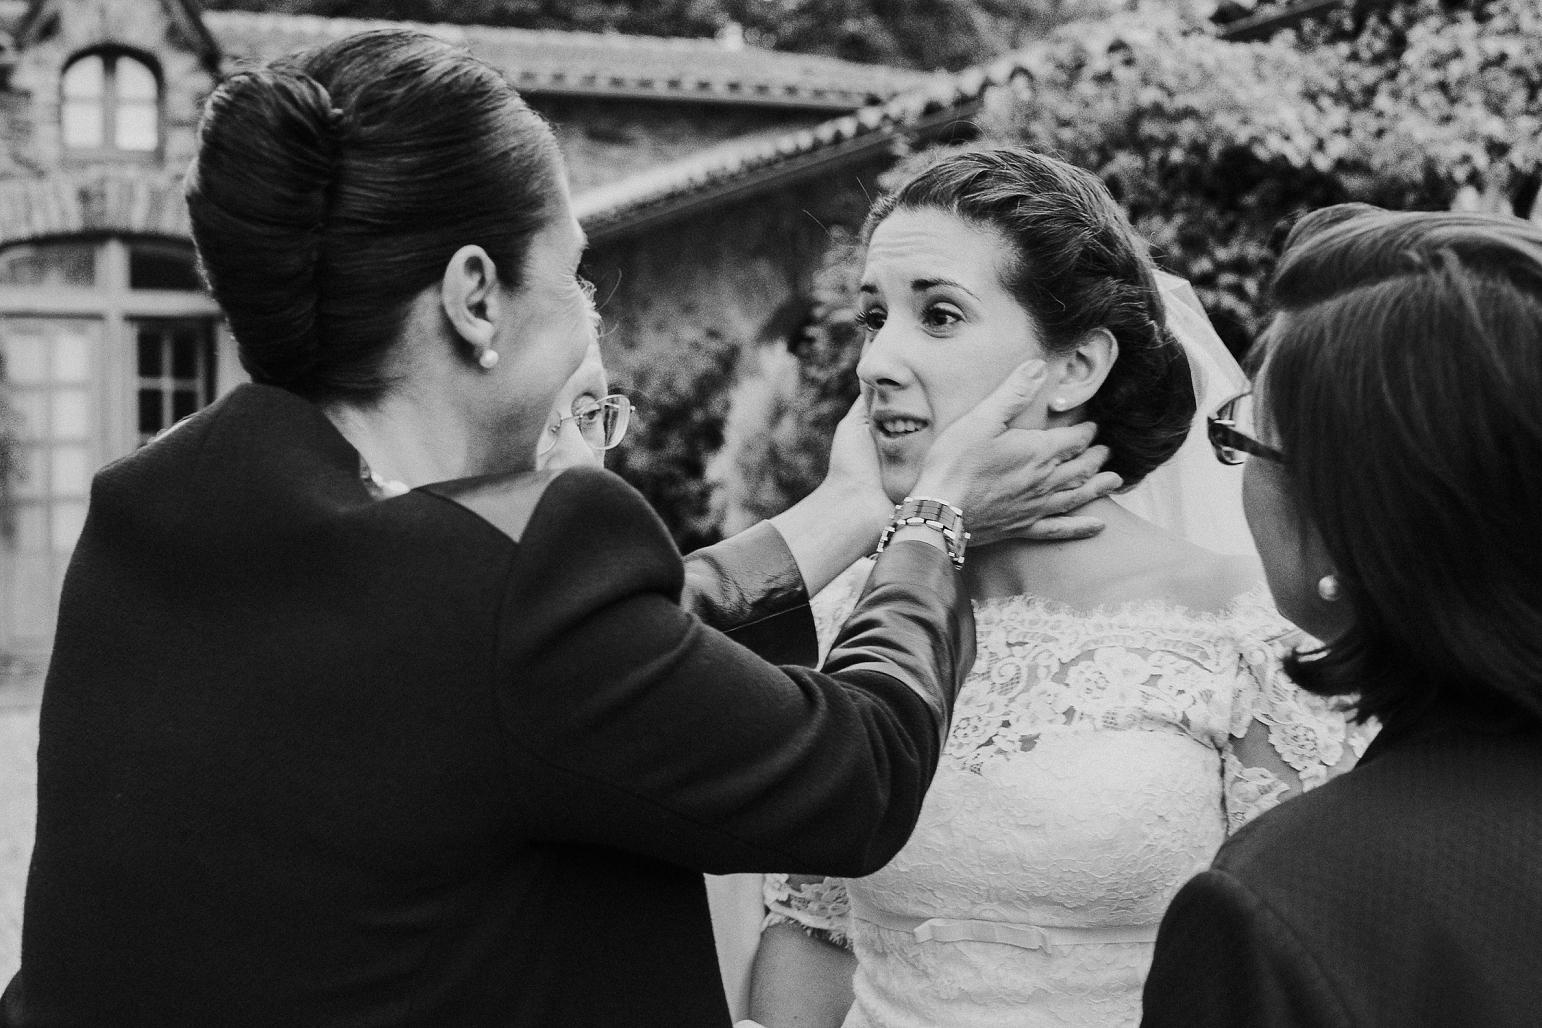 kateryna-photos-mariage-wedding-france-bretagne-pays-de-la-loire-chateau-de-la-colaissiere-st-sauveur-de-landemont_0084.jpg